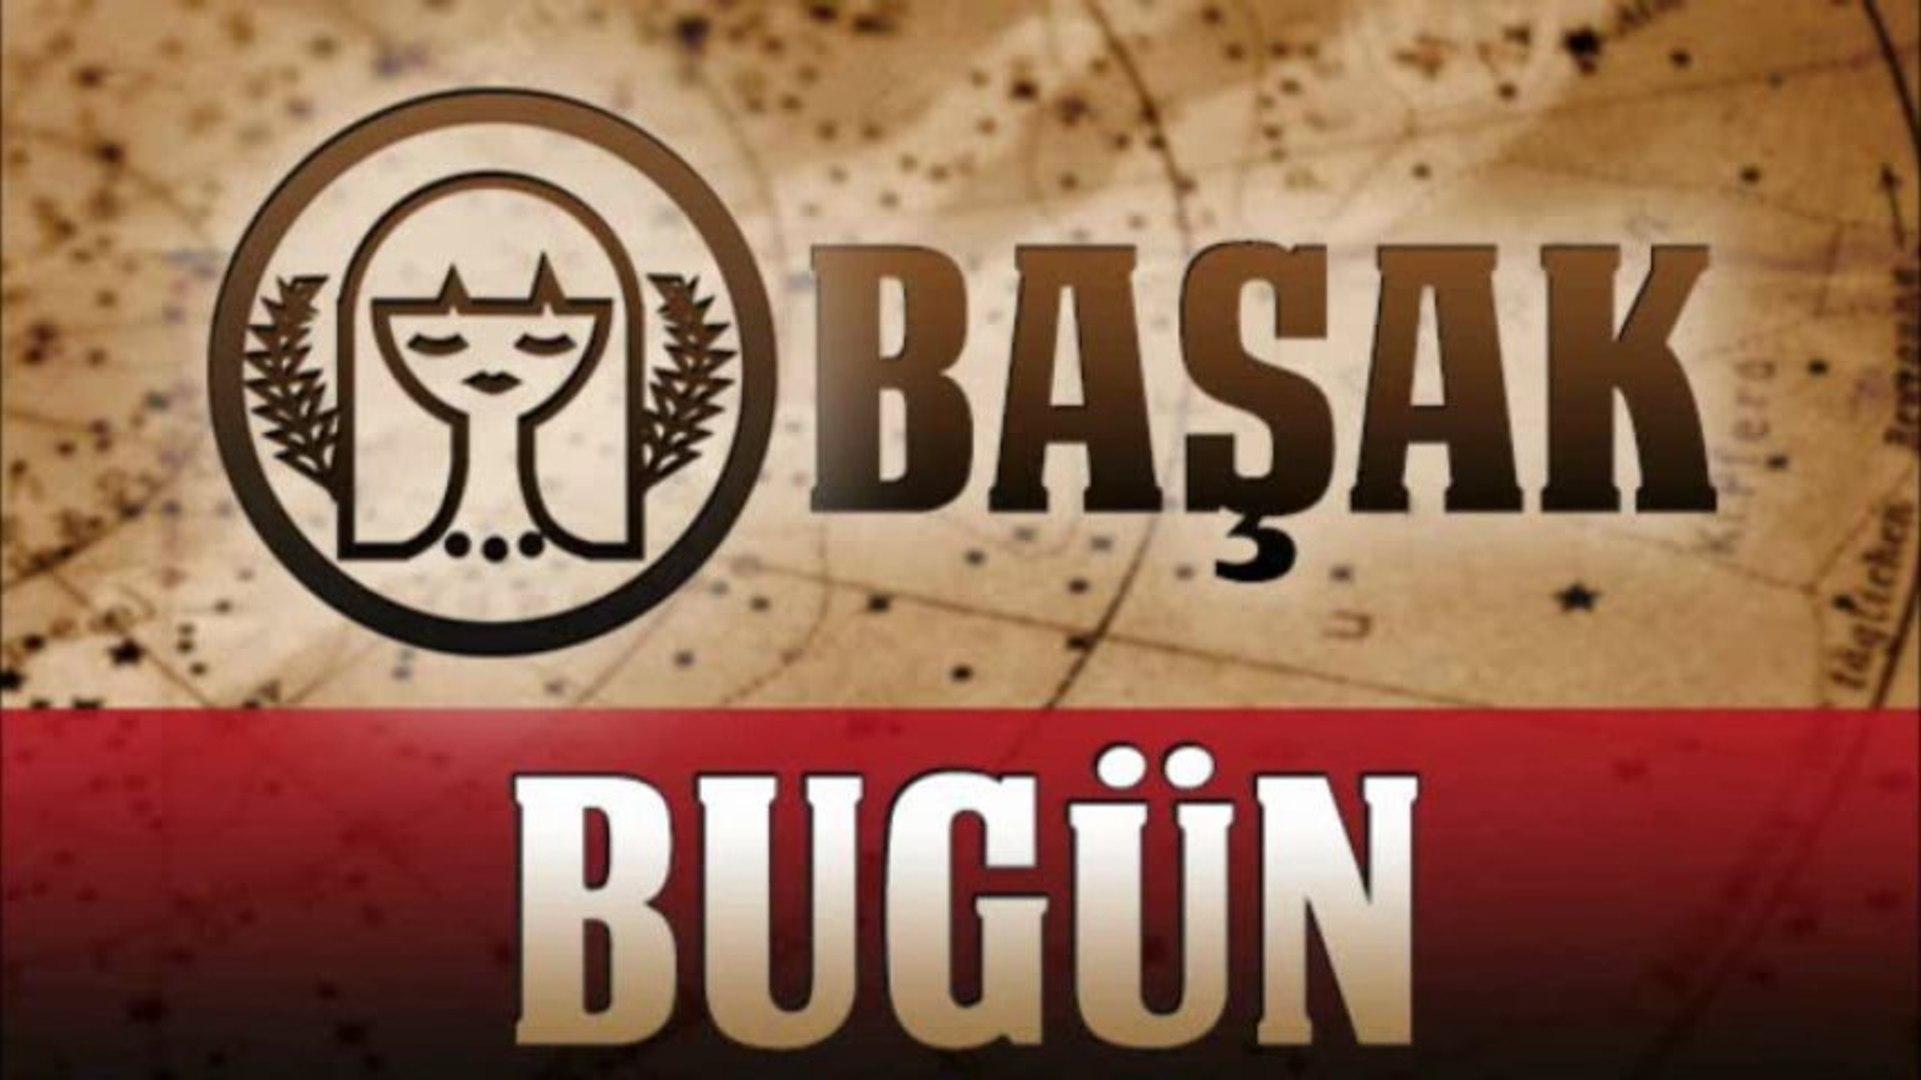 BAŞAK Burç Yorumu 22 Temmuz 2013  - Astrolog Oğuzhan Ceyhan ve Astrolog Demet Baltacı - BilincOkulu.